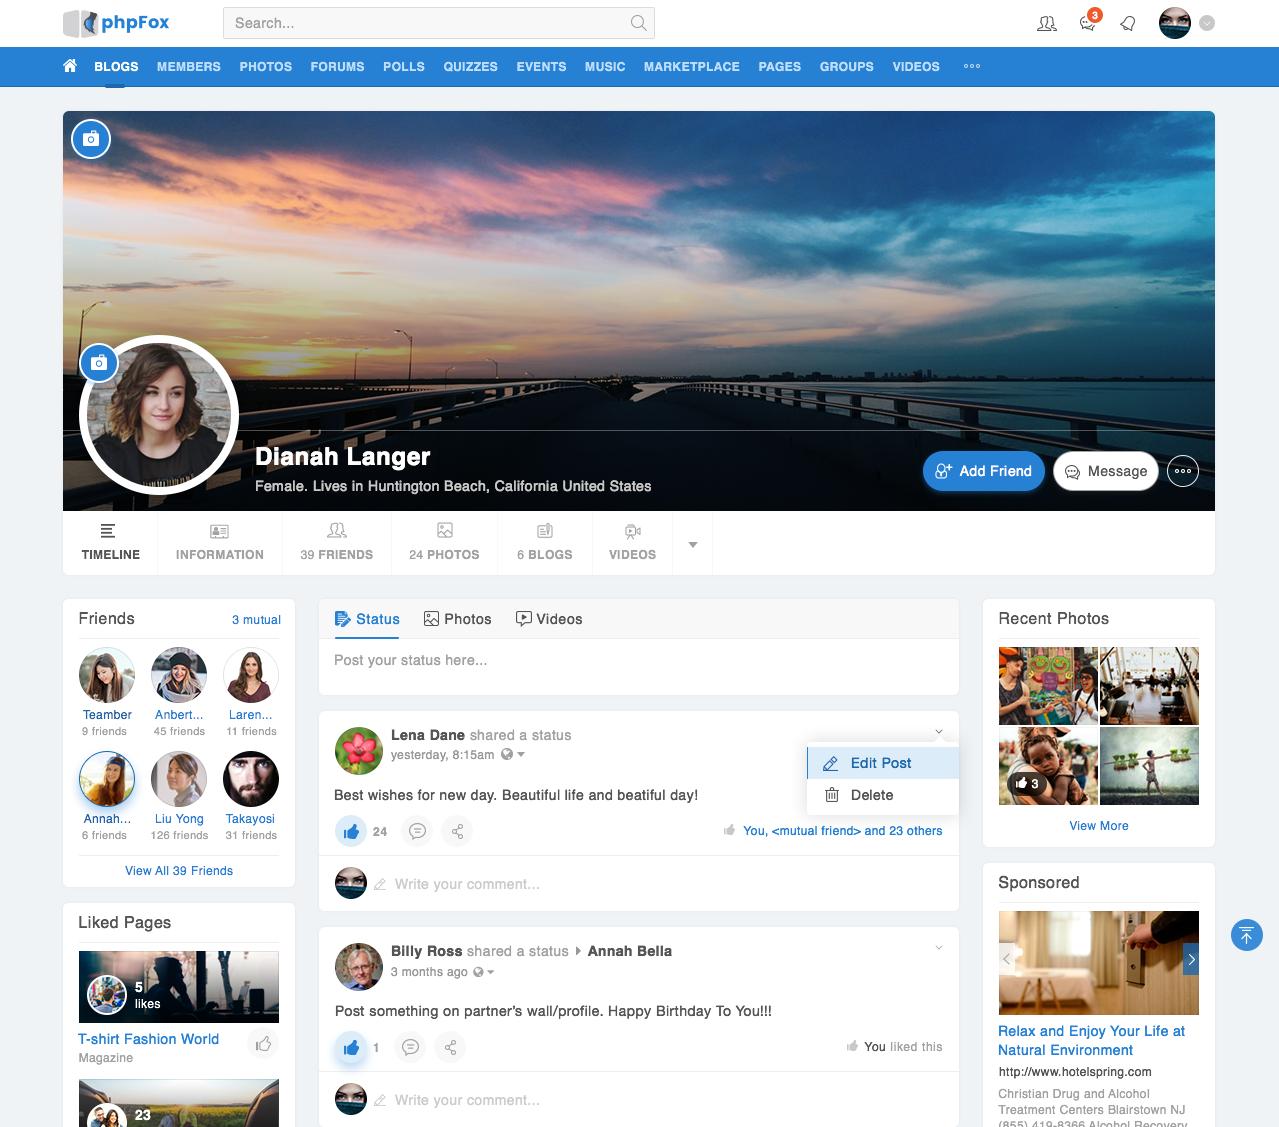 phpFox 4.6.0 Material Template - Member Profile